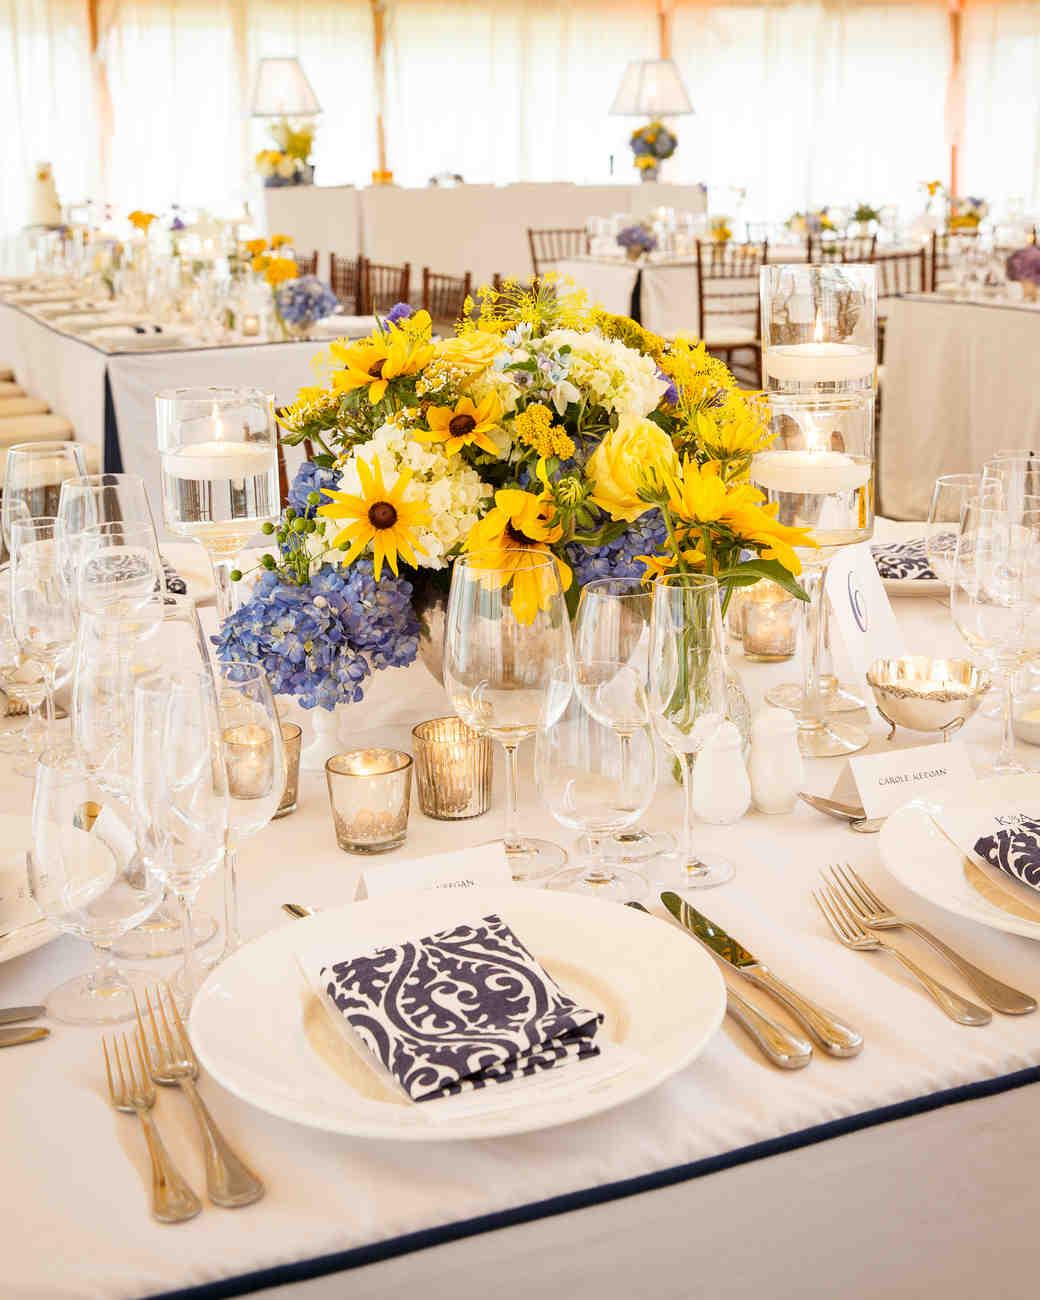 kristel-austin-wedding-centerpiece-33-s11860-0415.jpg